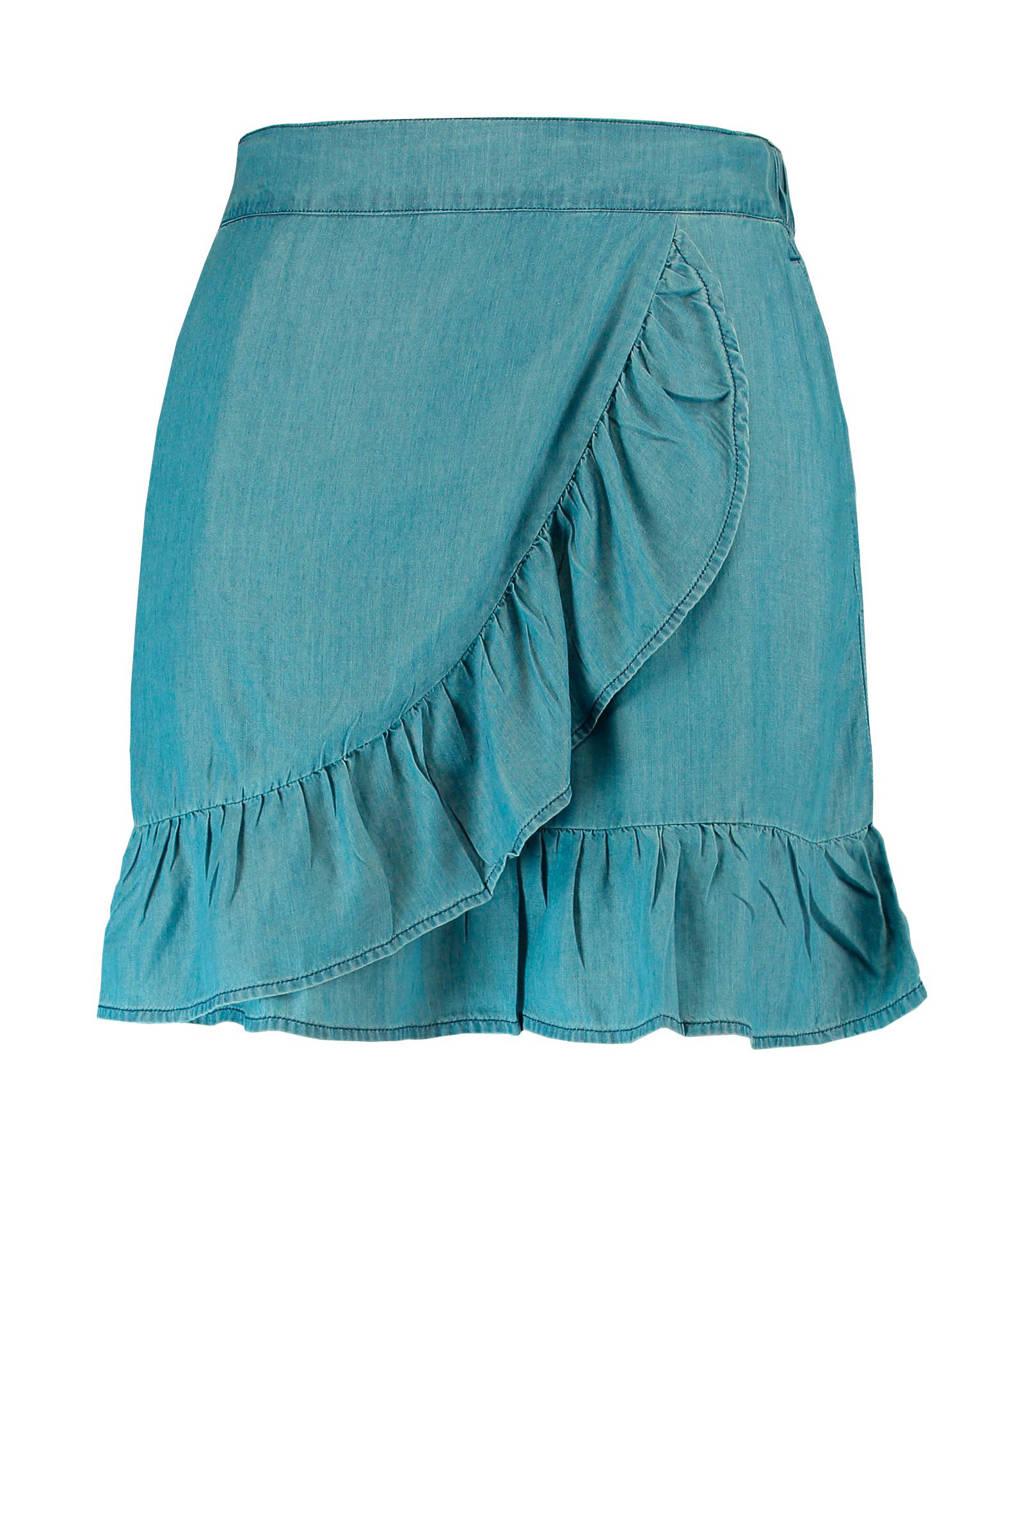 MS Mode rok met ruches en zakken denim, Blauw